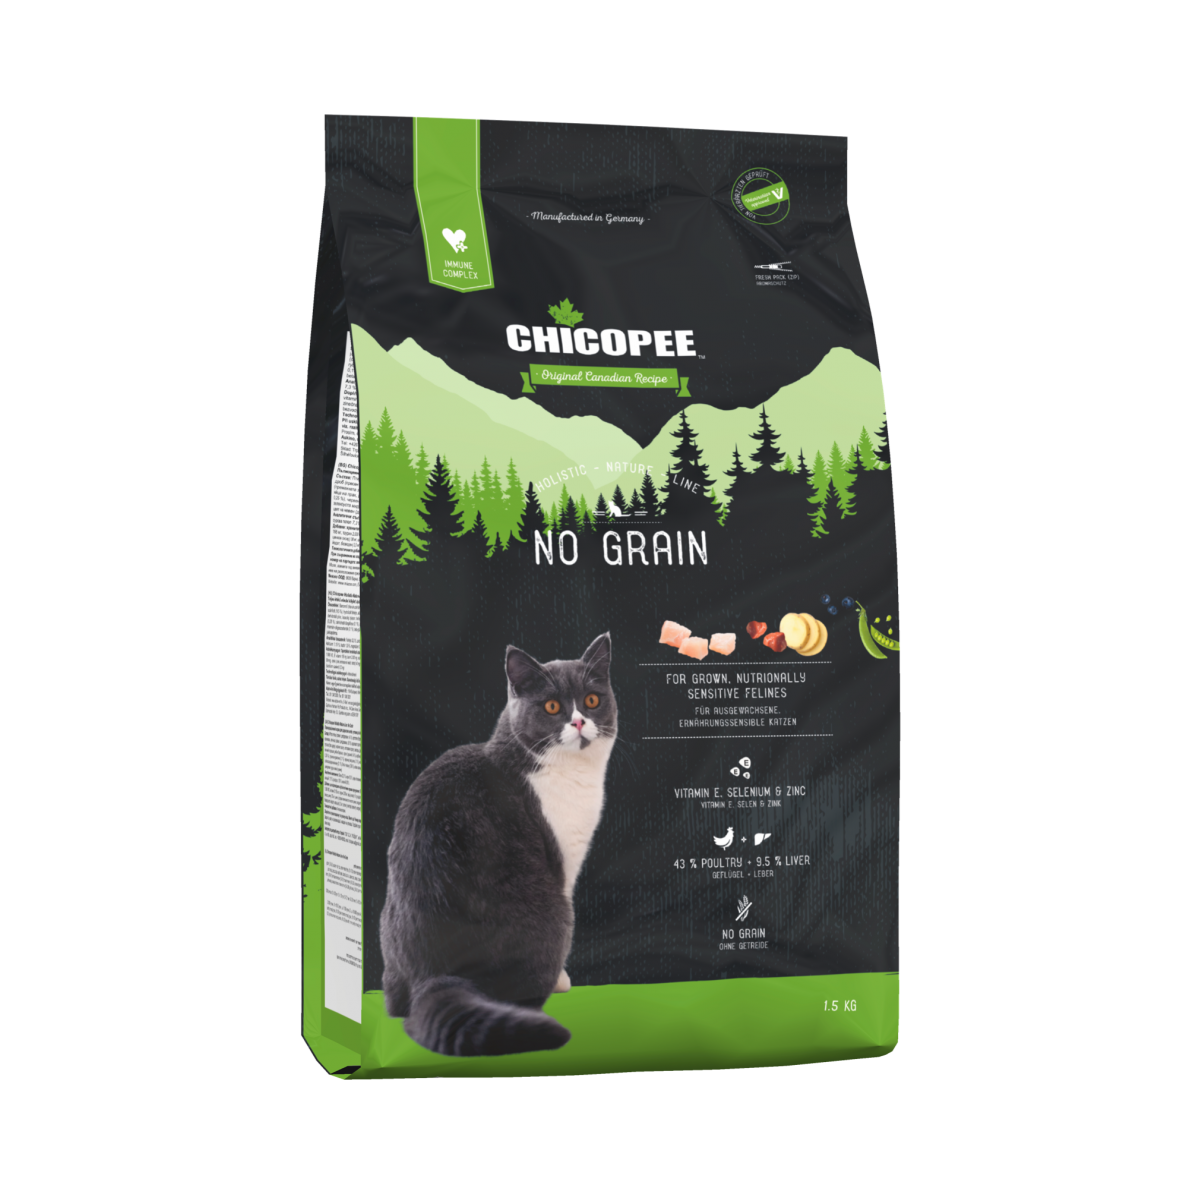 Kačių maistas CHICOPEE Holistic NO GRAIN 8kg.